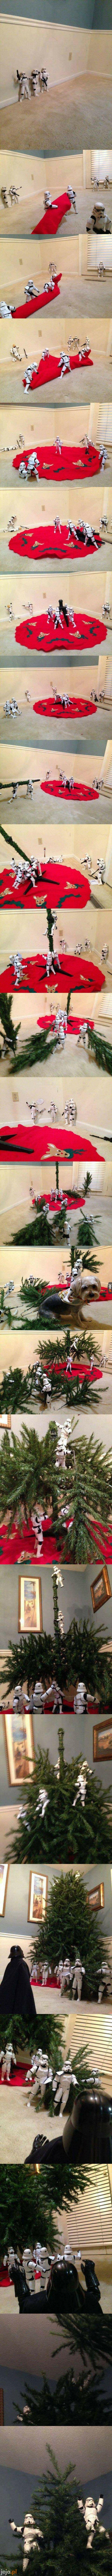 Szturmowcy stawiają świąteczne drzewko